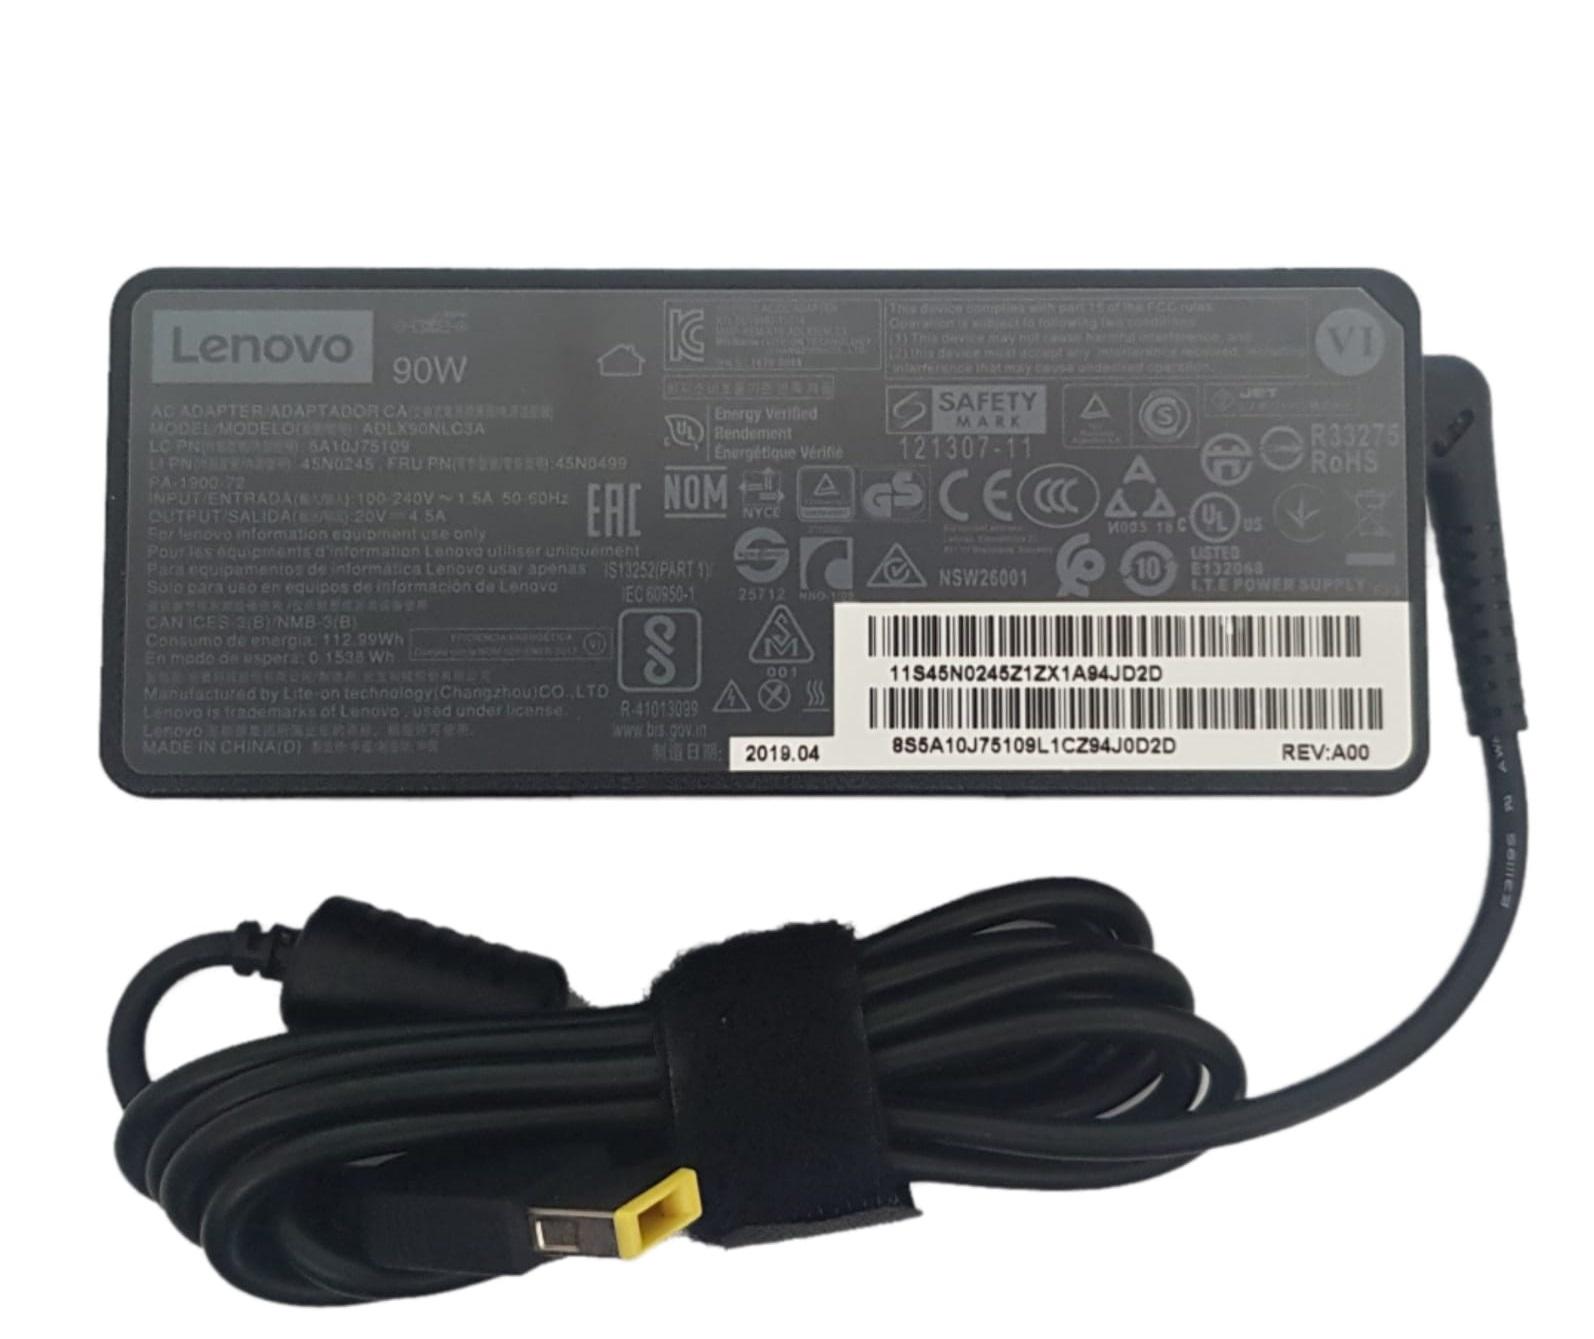 מטען למחשב נייד לנובו Lenovo ThinkPad Edge E460